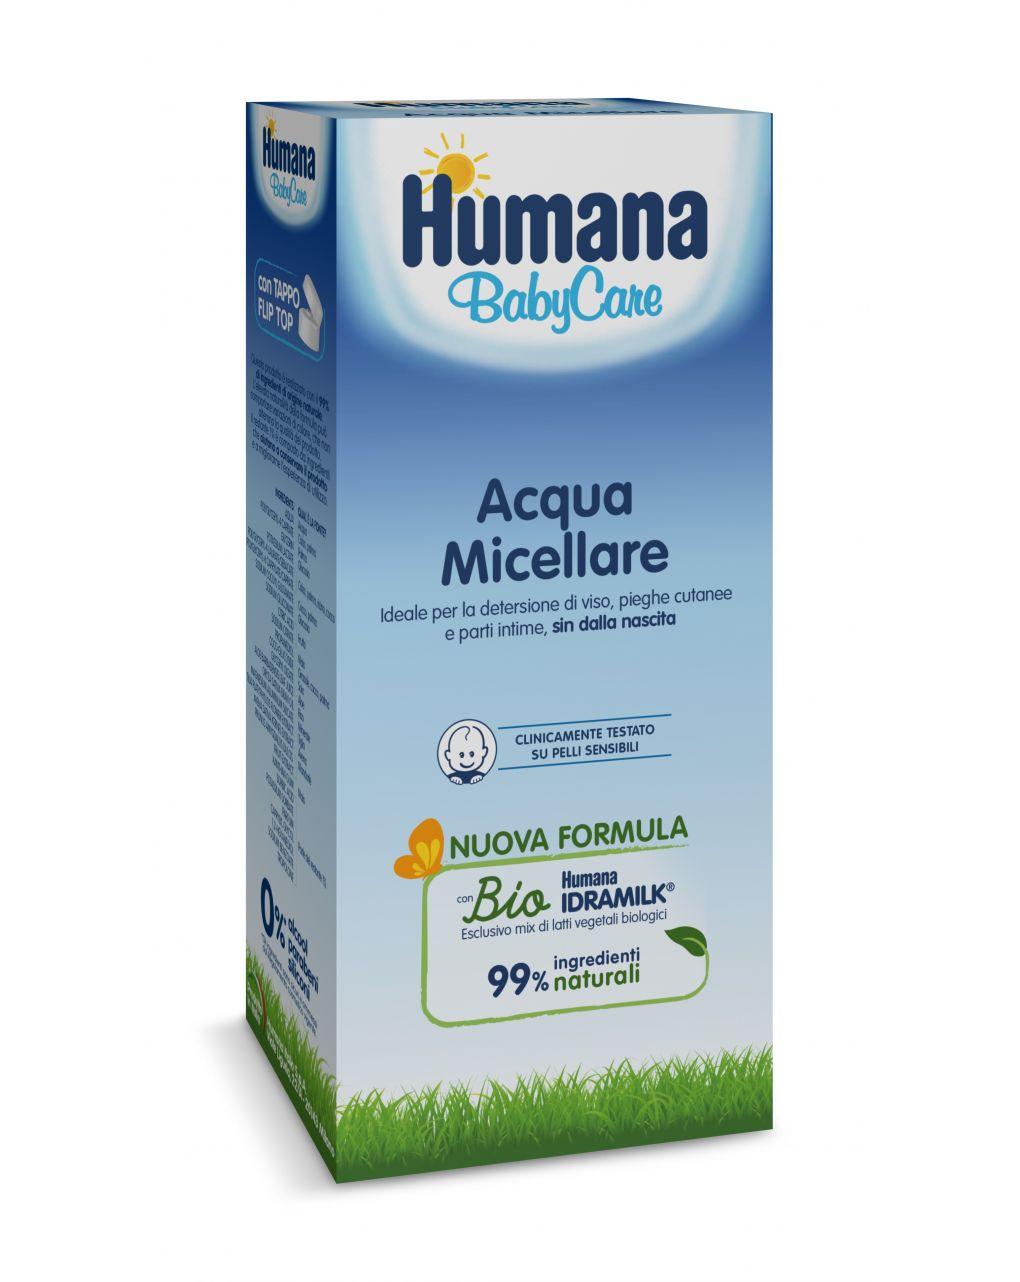 Acqua micellare 300 ml - Humana Baby Care